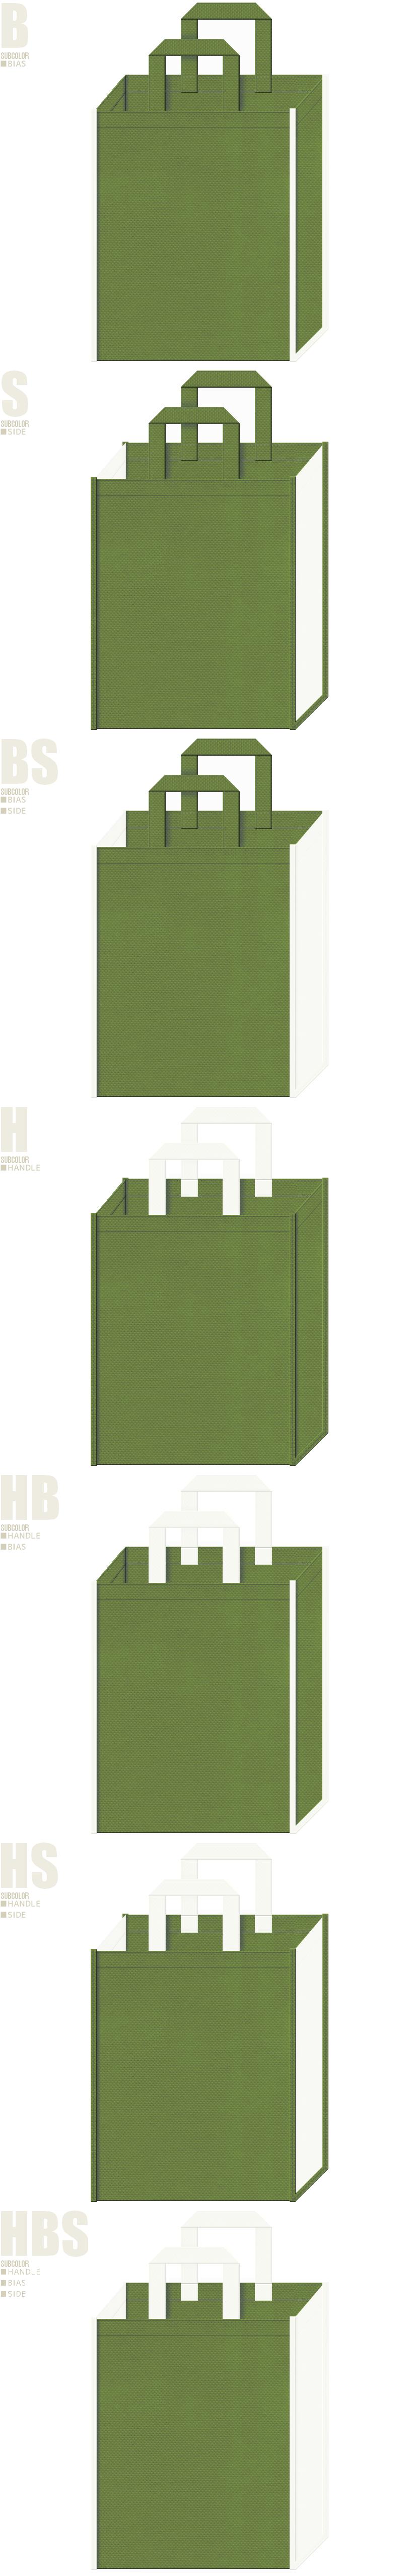 草色とオフホワイト色、7パターンの不織布トートバッグ配色デザイン例。和風スイーツのショッピングバッグにお奨めです。抹茶ロール・抹茶オーレ風。